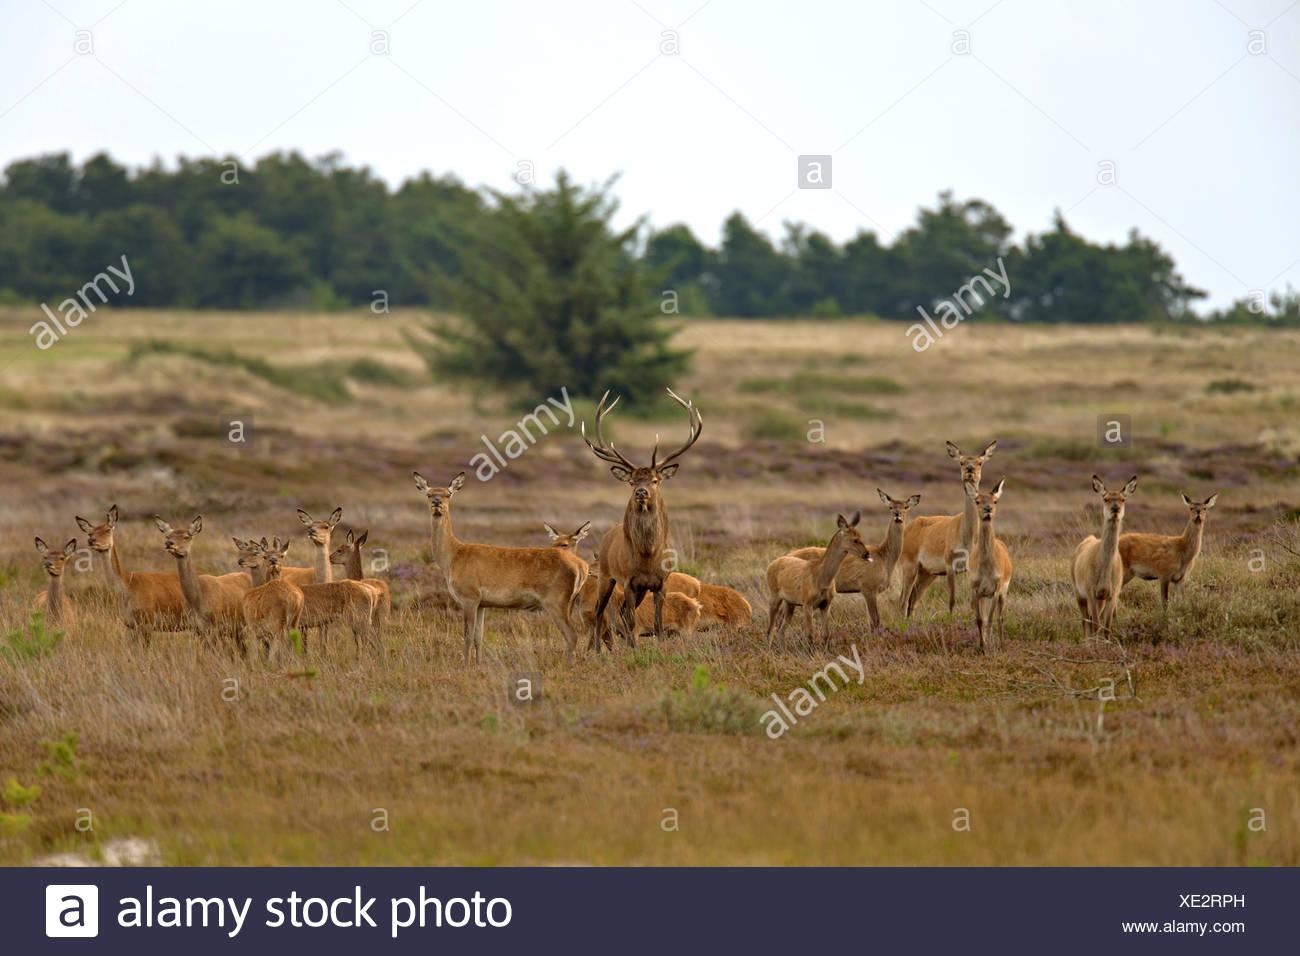 Rothirsch (Cervus Elaphus), Gruppe mit einem Hirsch und viele Hirschkühe und Kälber auf einer Wiese, Dänemark, Jylland Stockbild